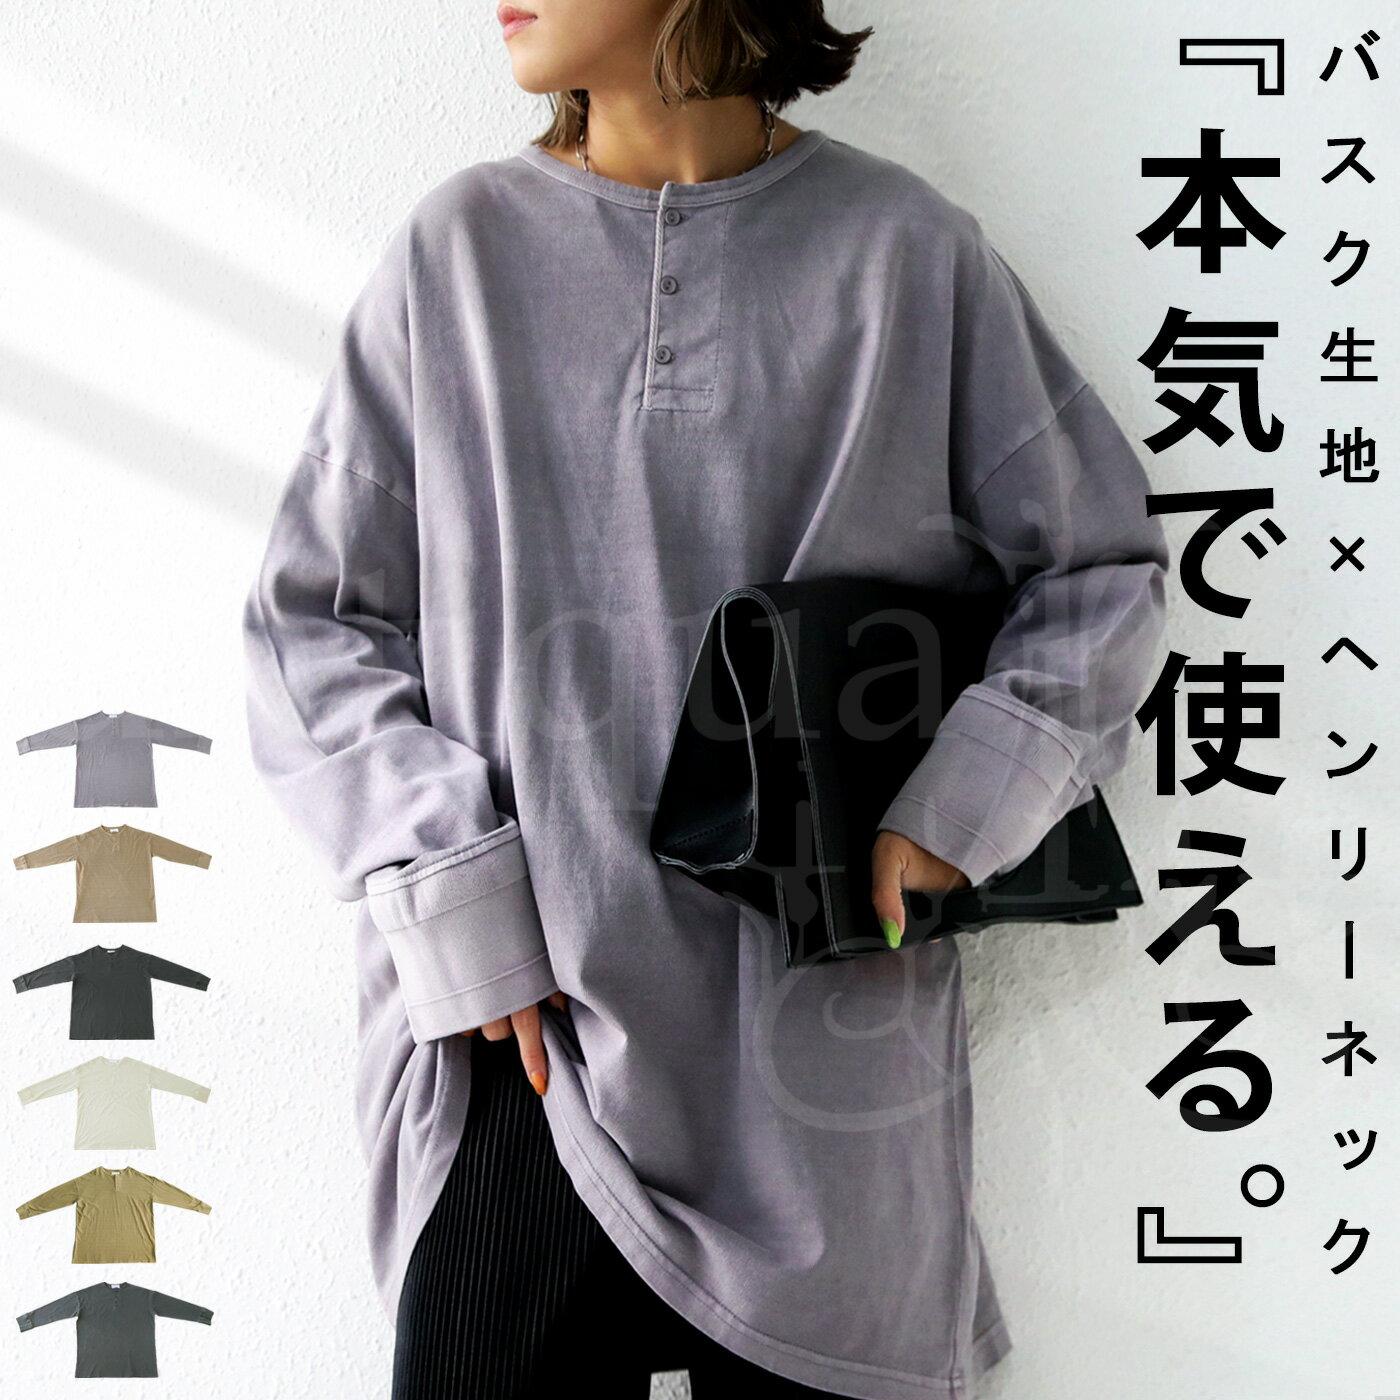 新色追加!ヘンリーネックバスクT ロンT Tシャツ レディース 長袖・10月13日20時~再再販。メール便不可